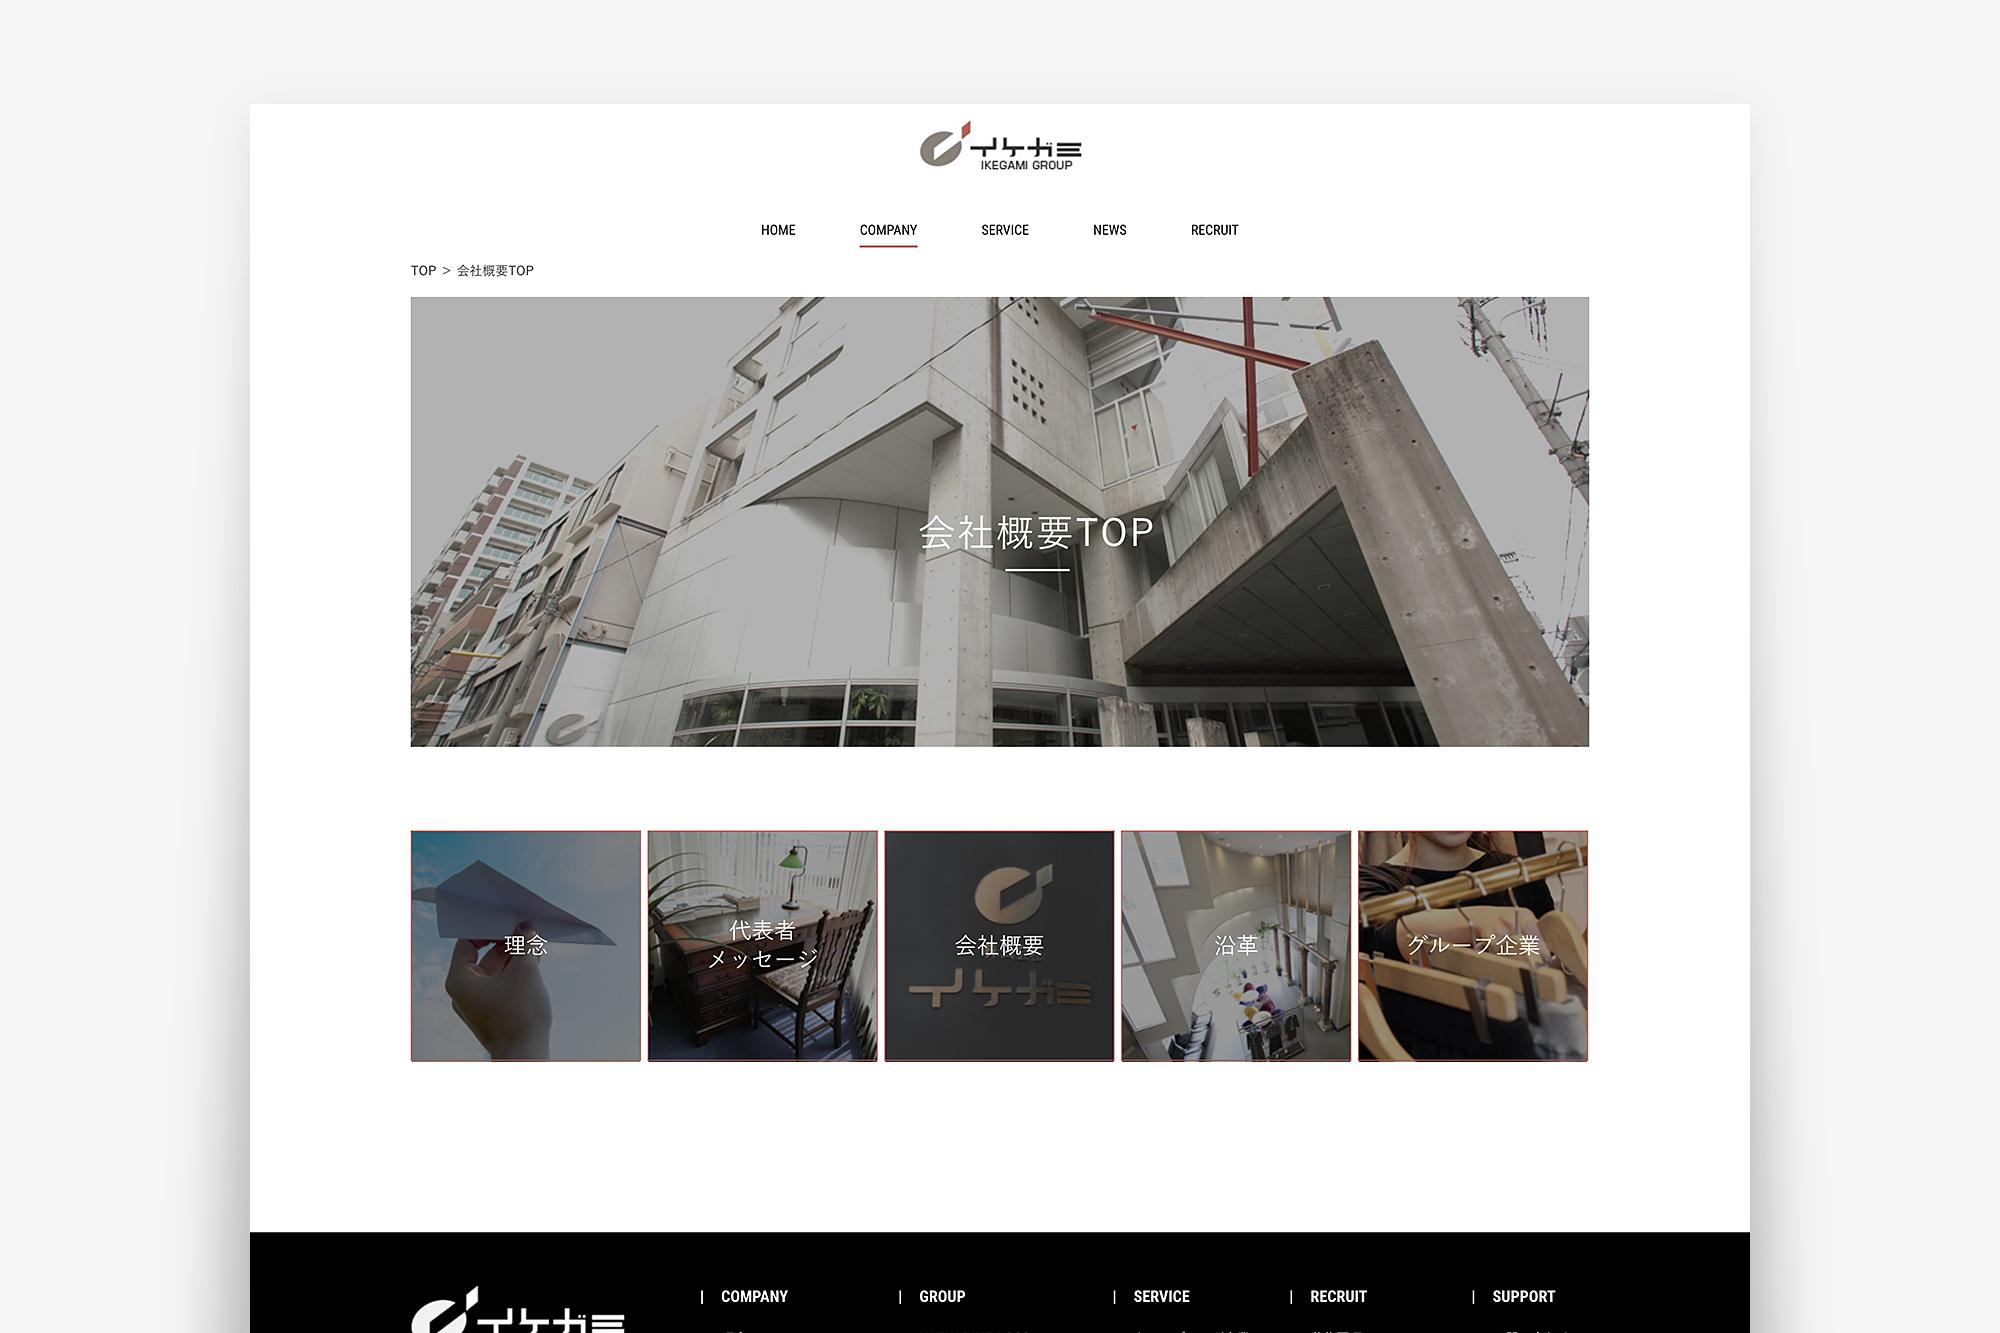 イケガミ GROUP オフィシャルサイト